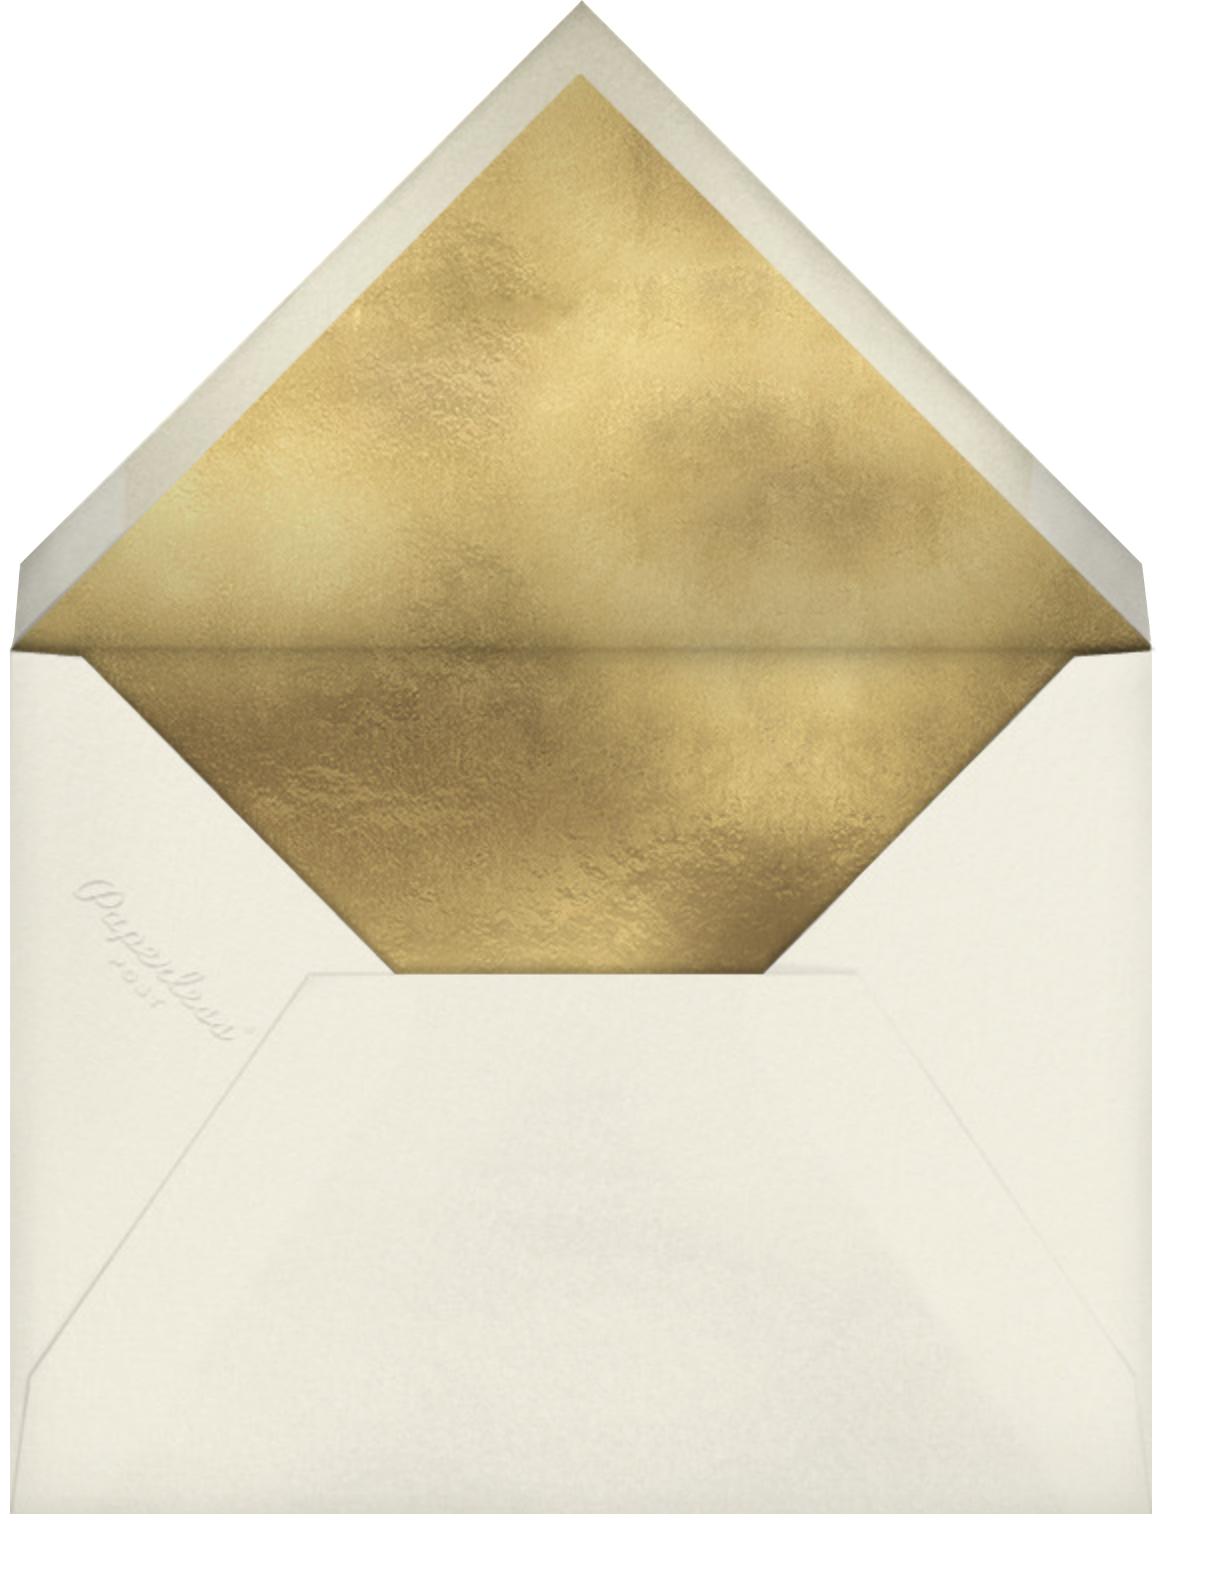 Rave (Invitation) - Kelly Wearstler - All - envelope back